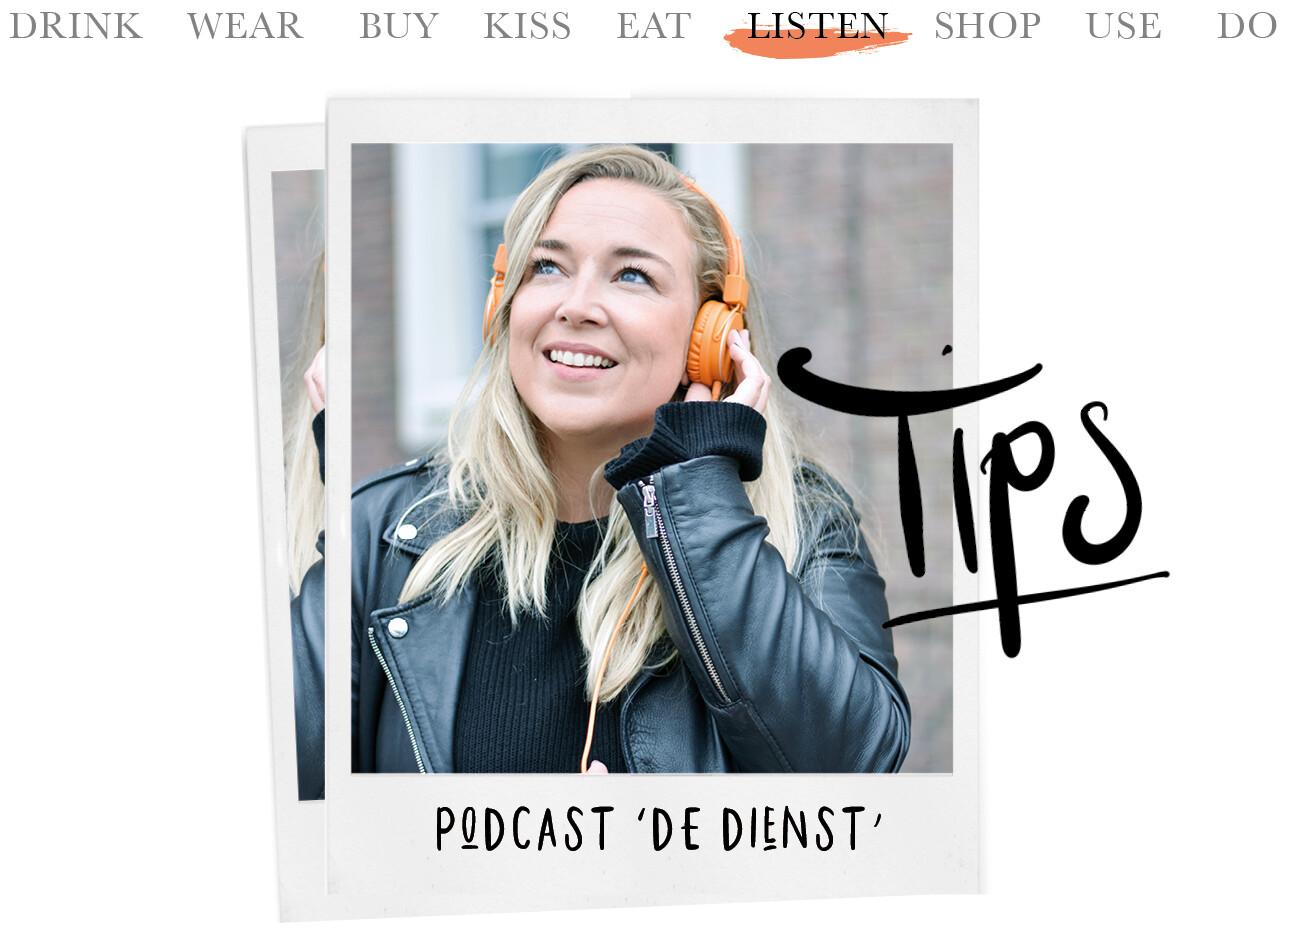 Today we listen podcast De Dienst